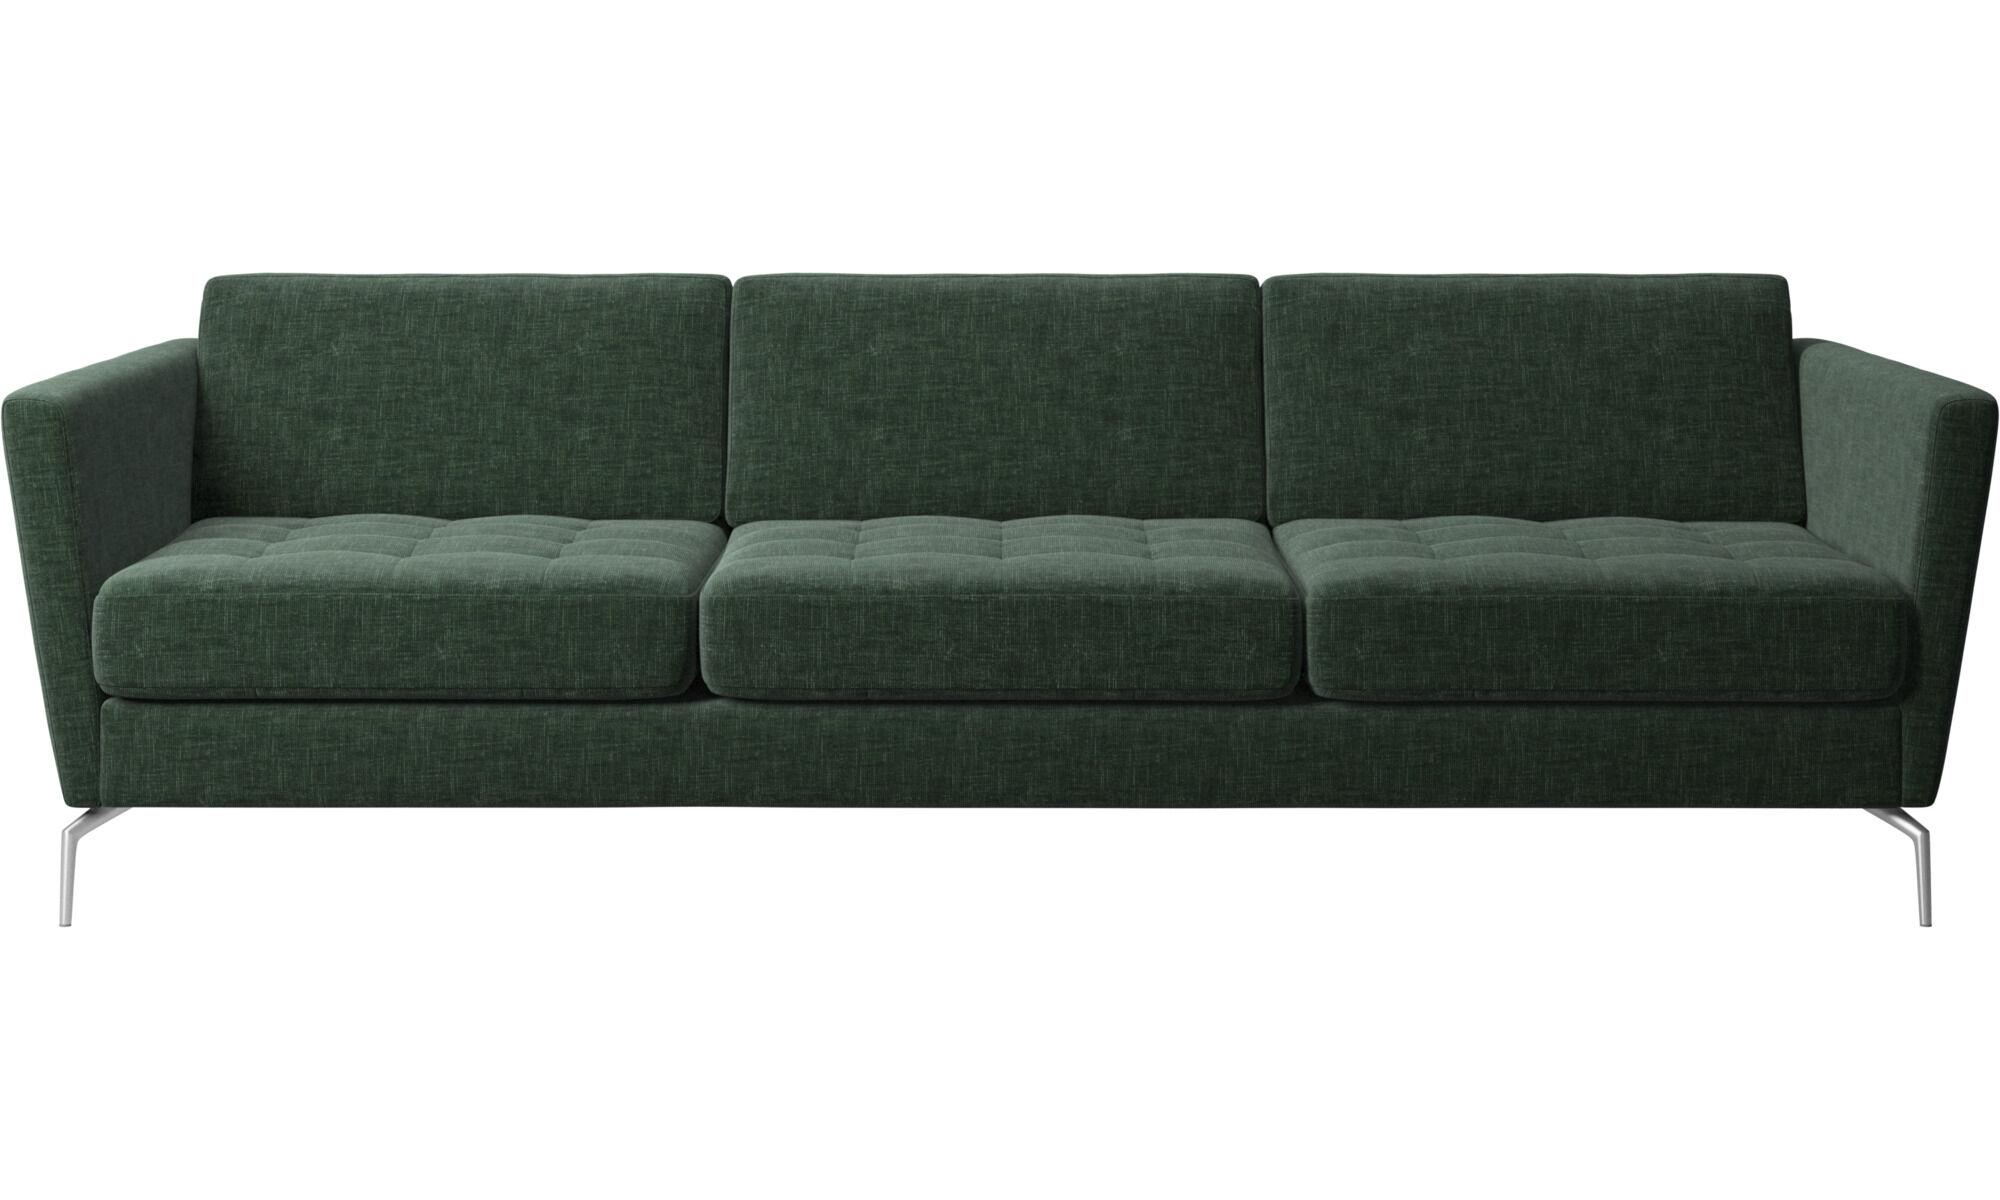 Attraktiv 3 Sitzer Sofas   Osaka Sofa, Getuftete Sitzfläche   Grün   Stoff ...